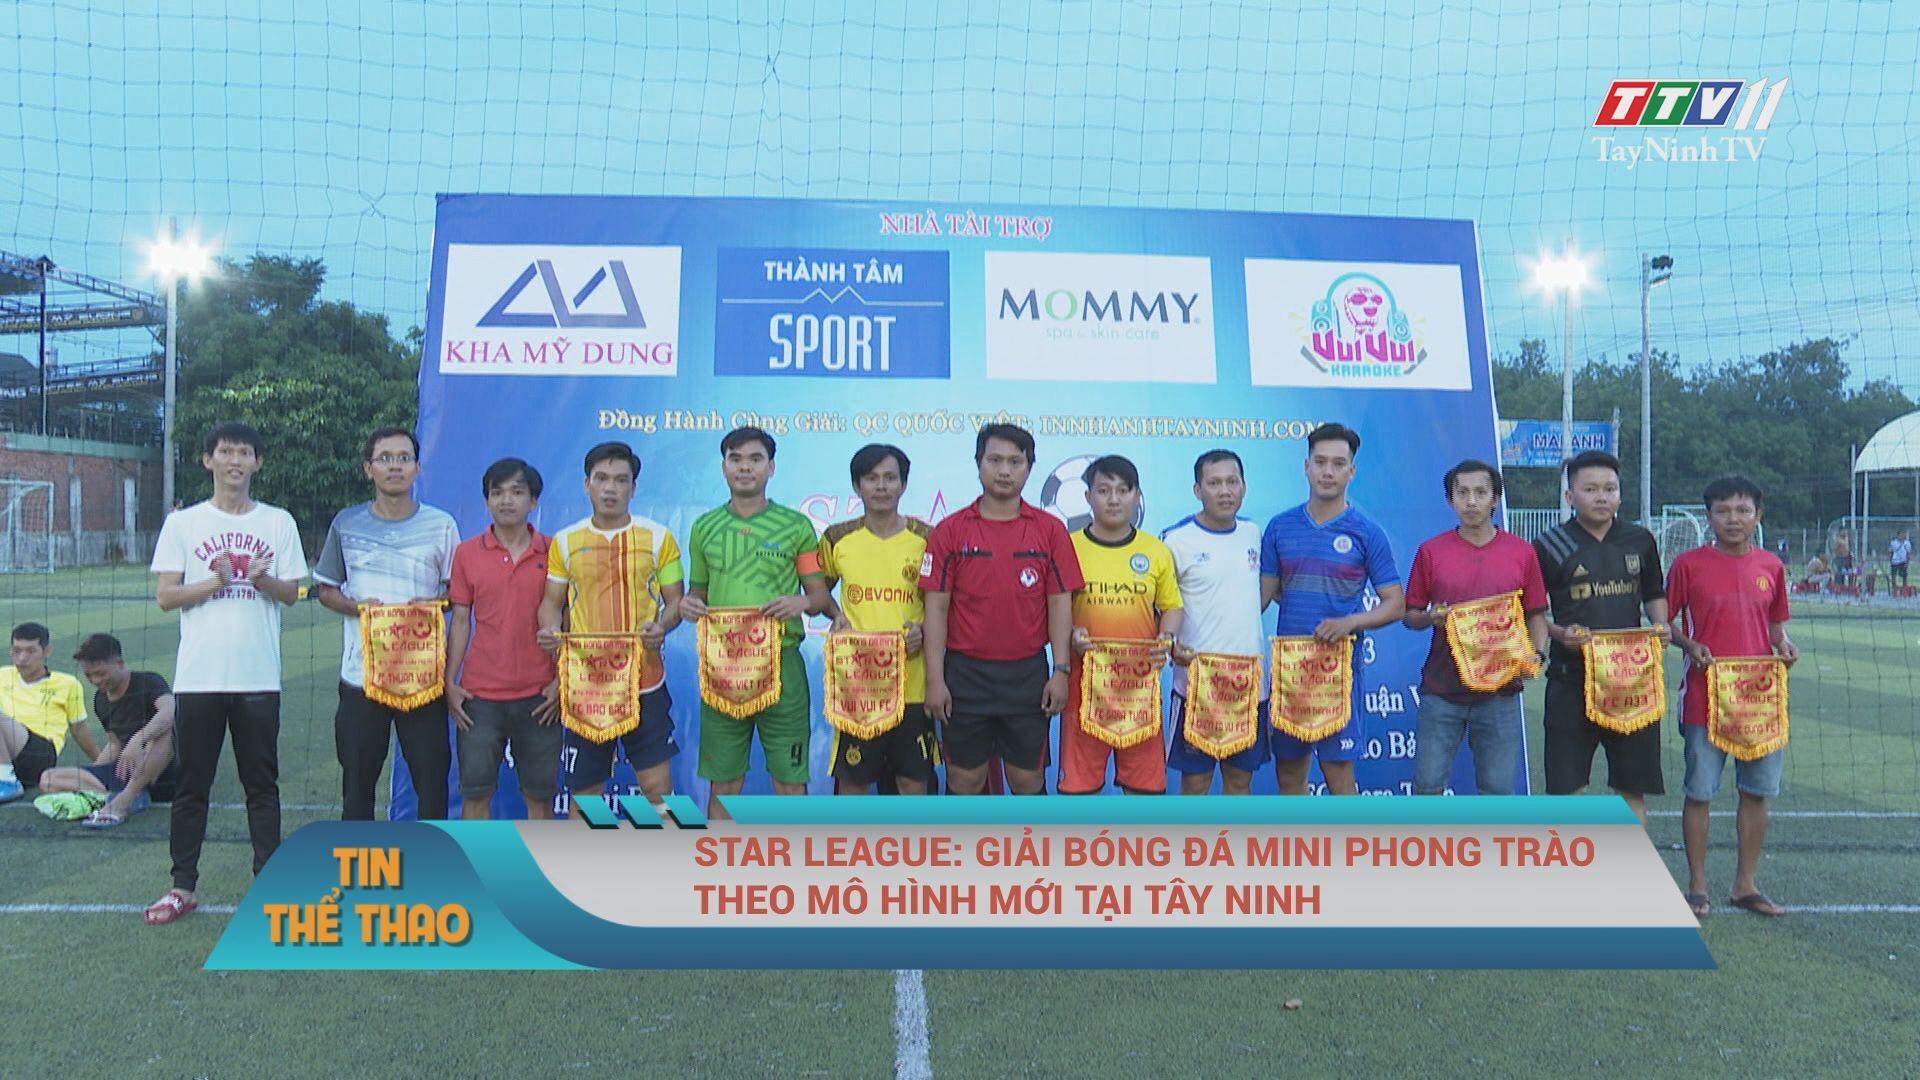 Star league: giải bóng đá mini phong trào theo mô hình mới tại Tây Ninh | TayNinhTV